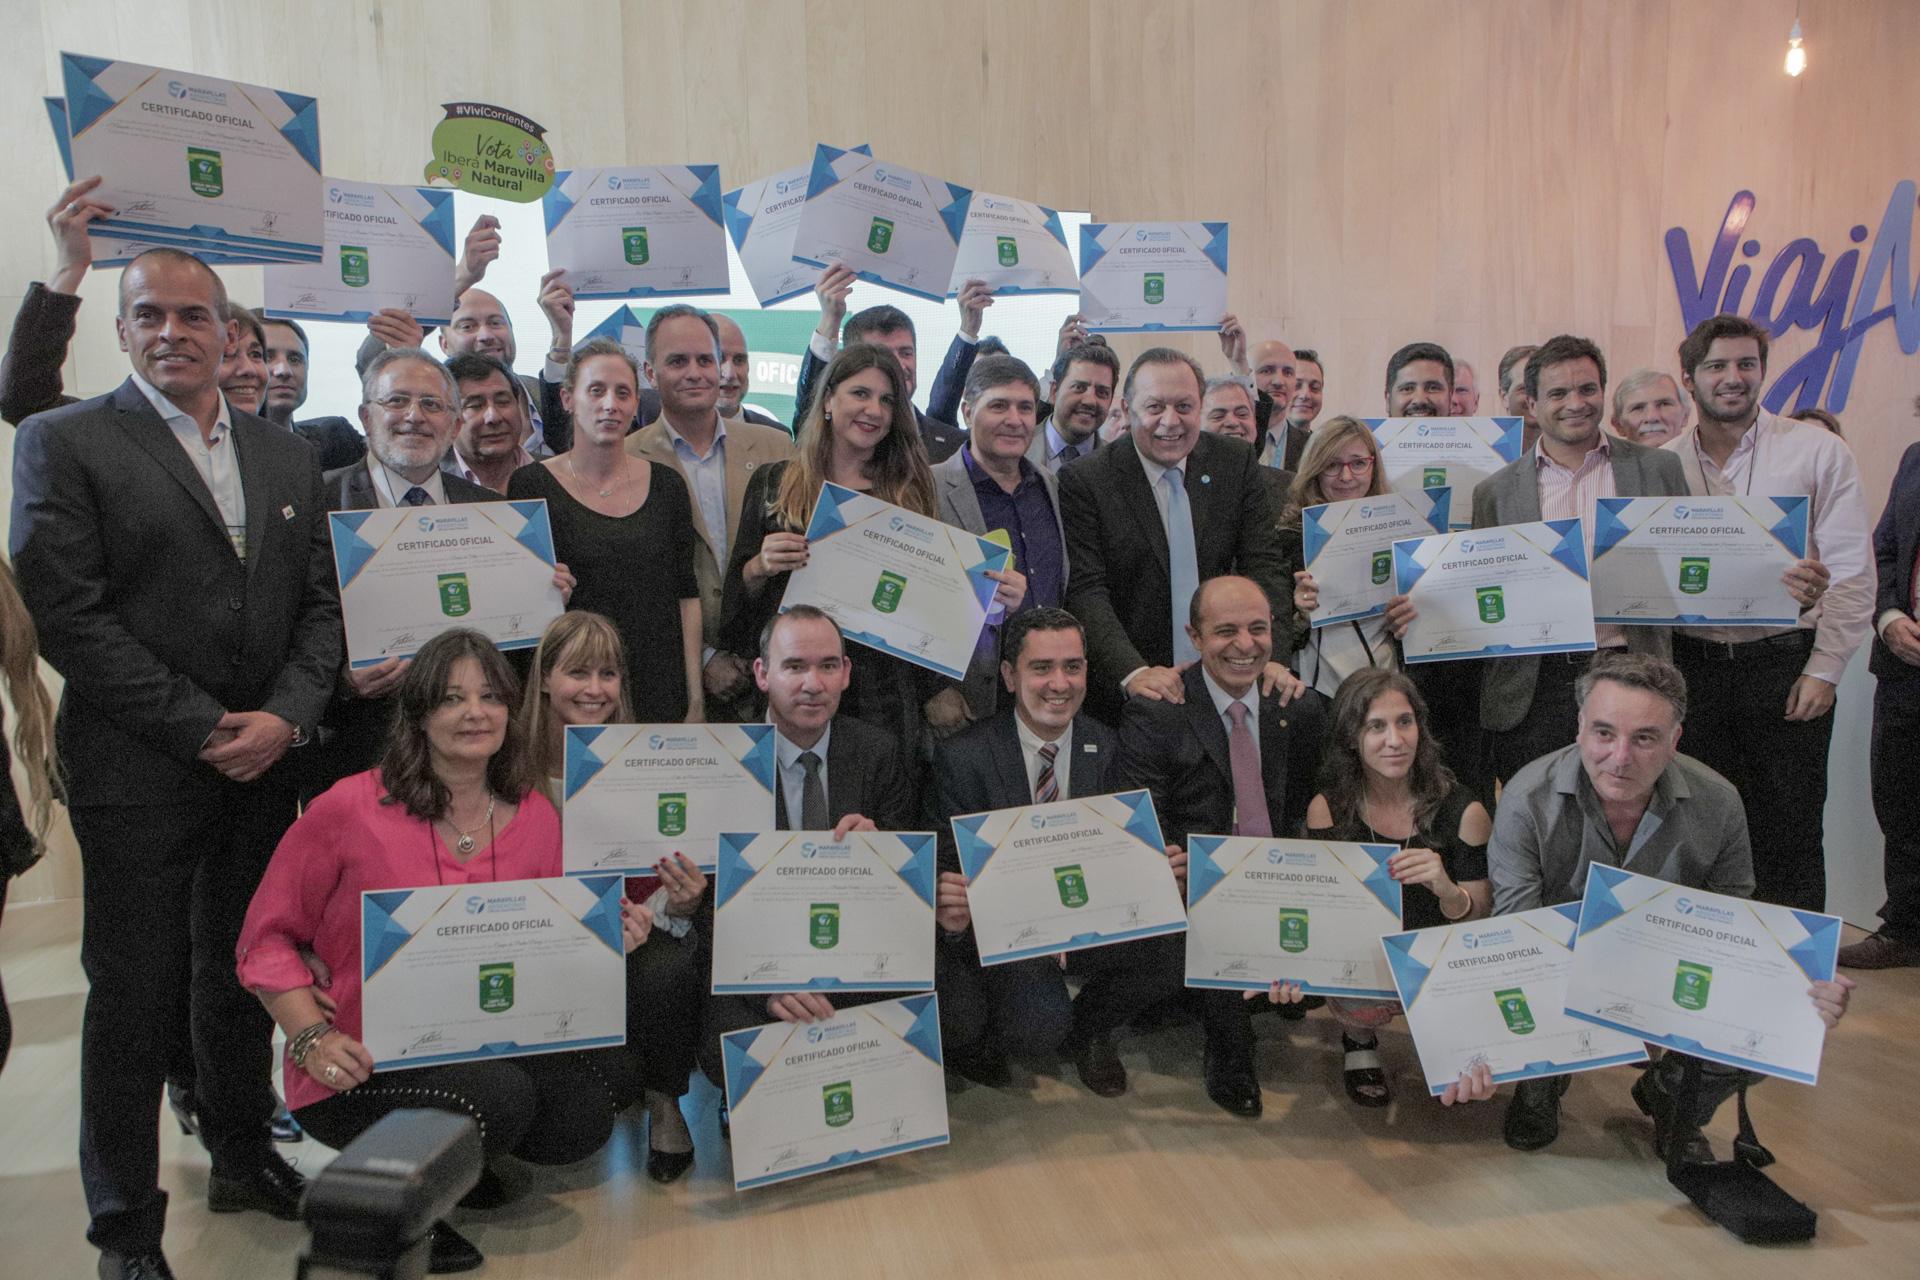 En el stand de Turismo de Nación se entregaron las distinciones a los 28 destinos finalistas de la campaña que elegirá a las 7 Maravillas Naturales de Argentina, organizado por la Fundación 7 New Wonders. Hay tiempo para votar hasta el 7 de abril, en www.7mar.com.ar